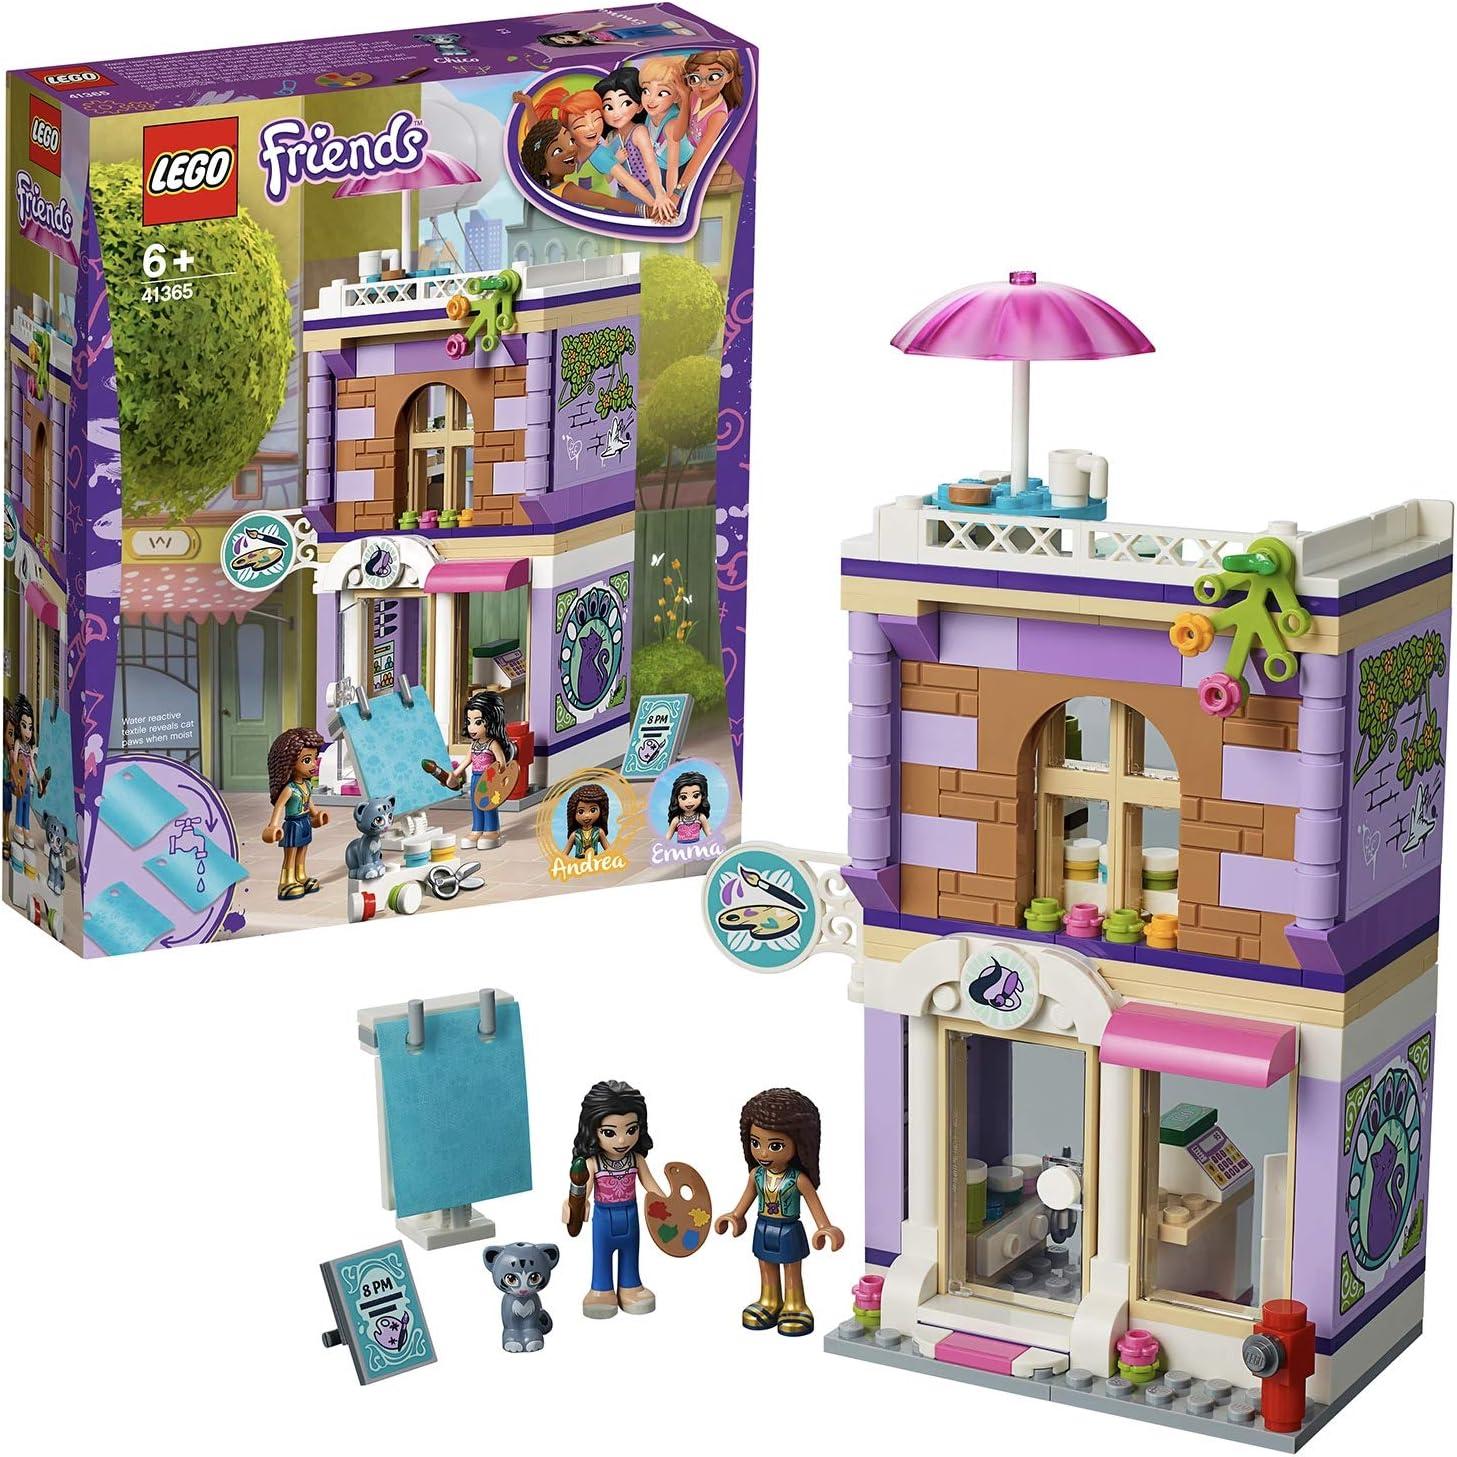 LEGO Heartlake Estudio Artístico de Emma, juguete creativo para construir edificio, incluye minipersonajes y figura de mascota, multicolor (41365)